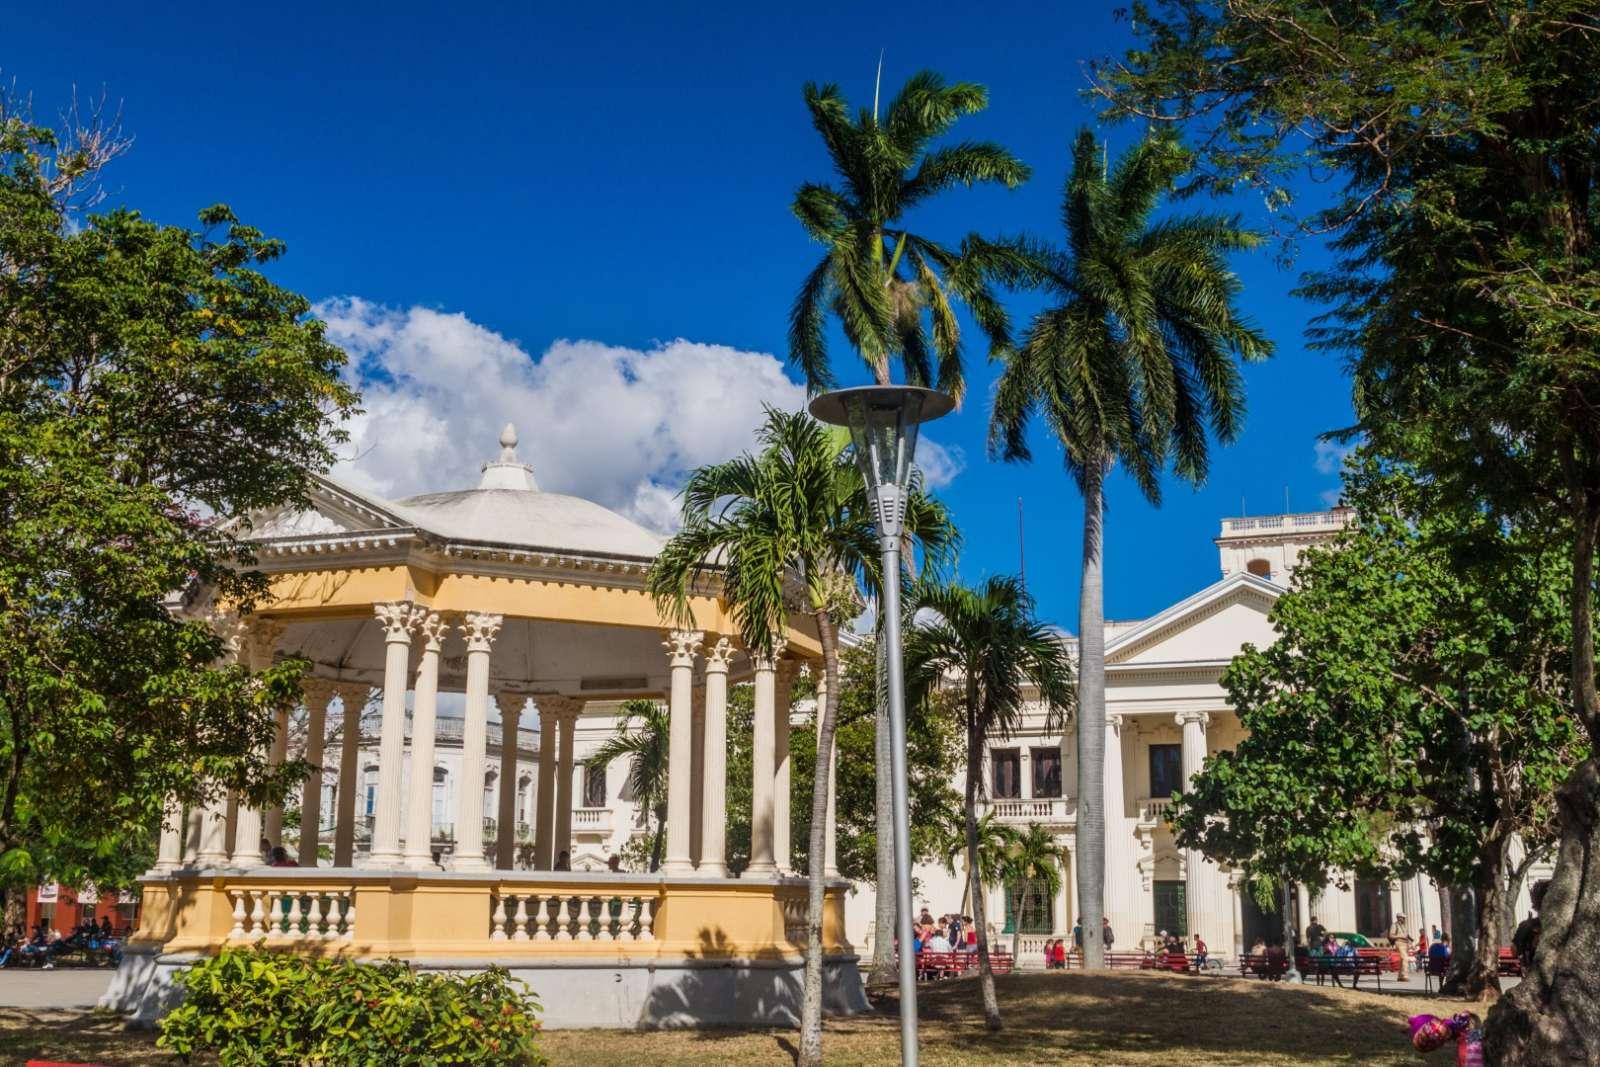 Parque Vidal in Santa Clara, Cuba